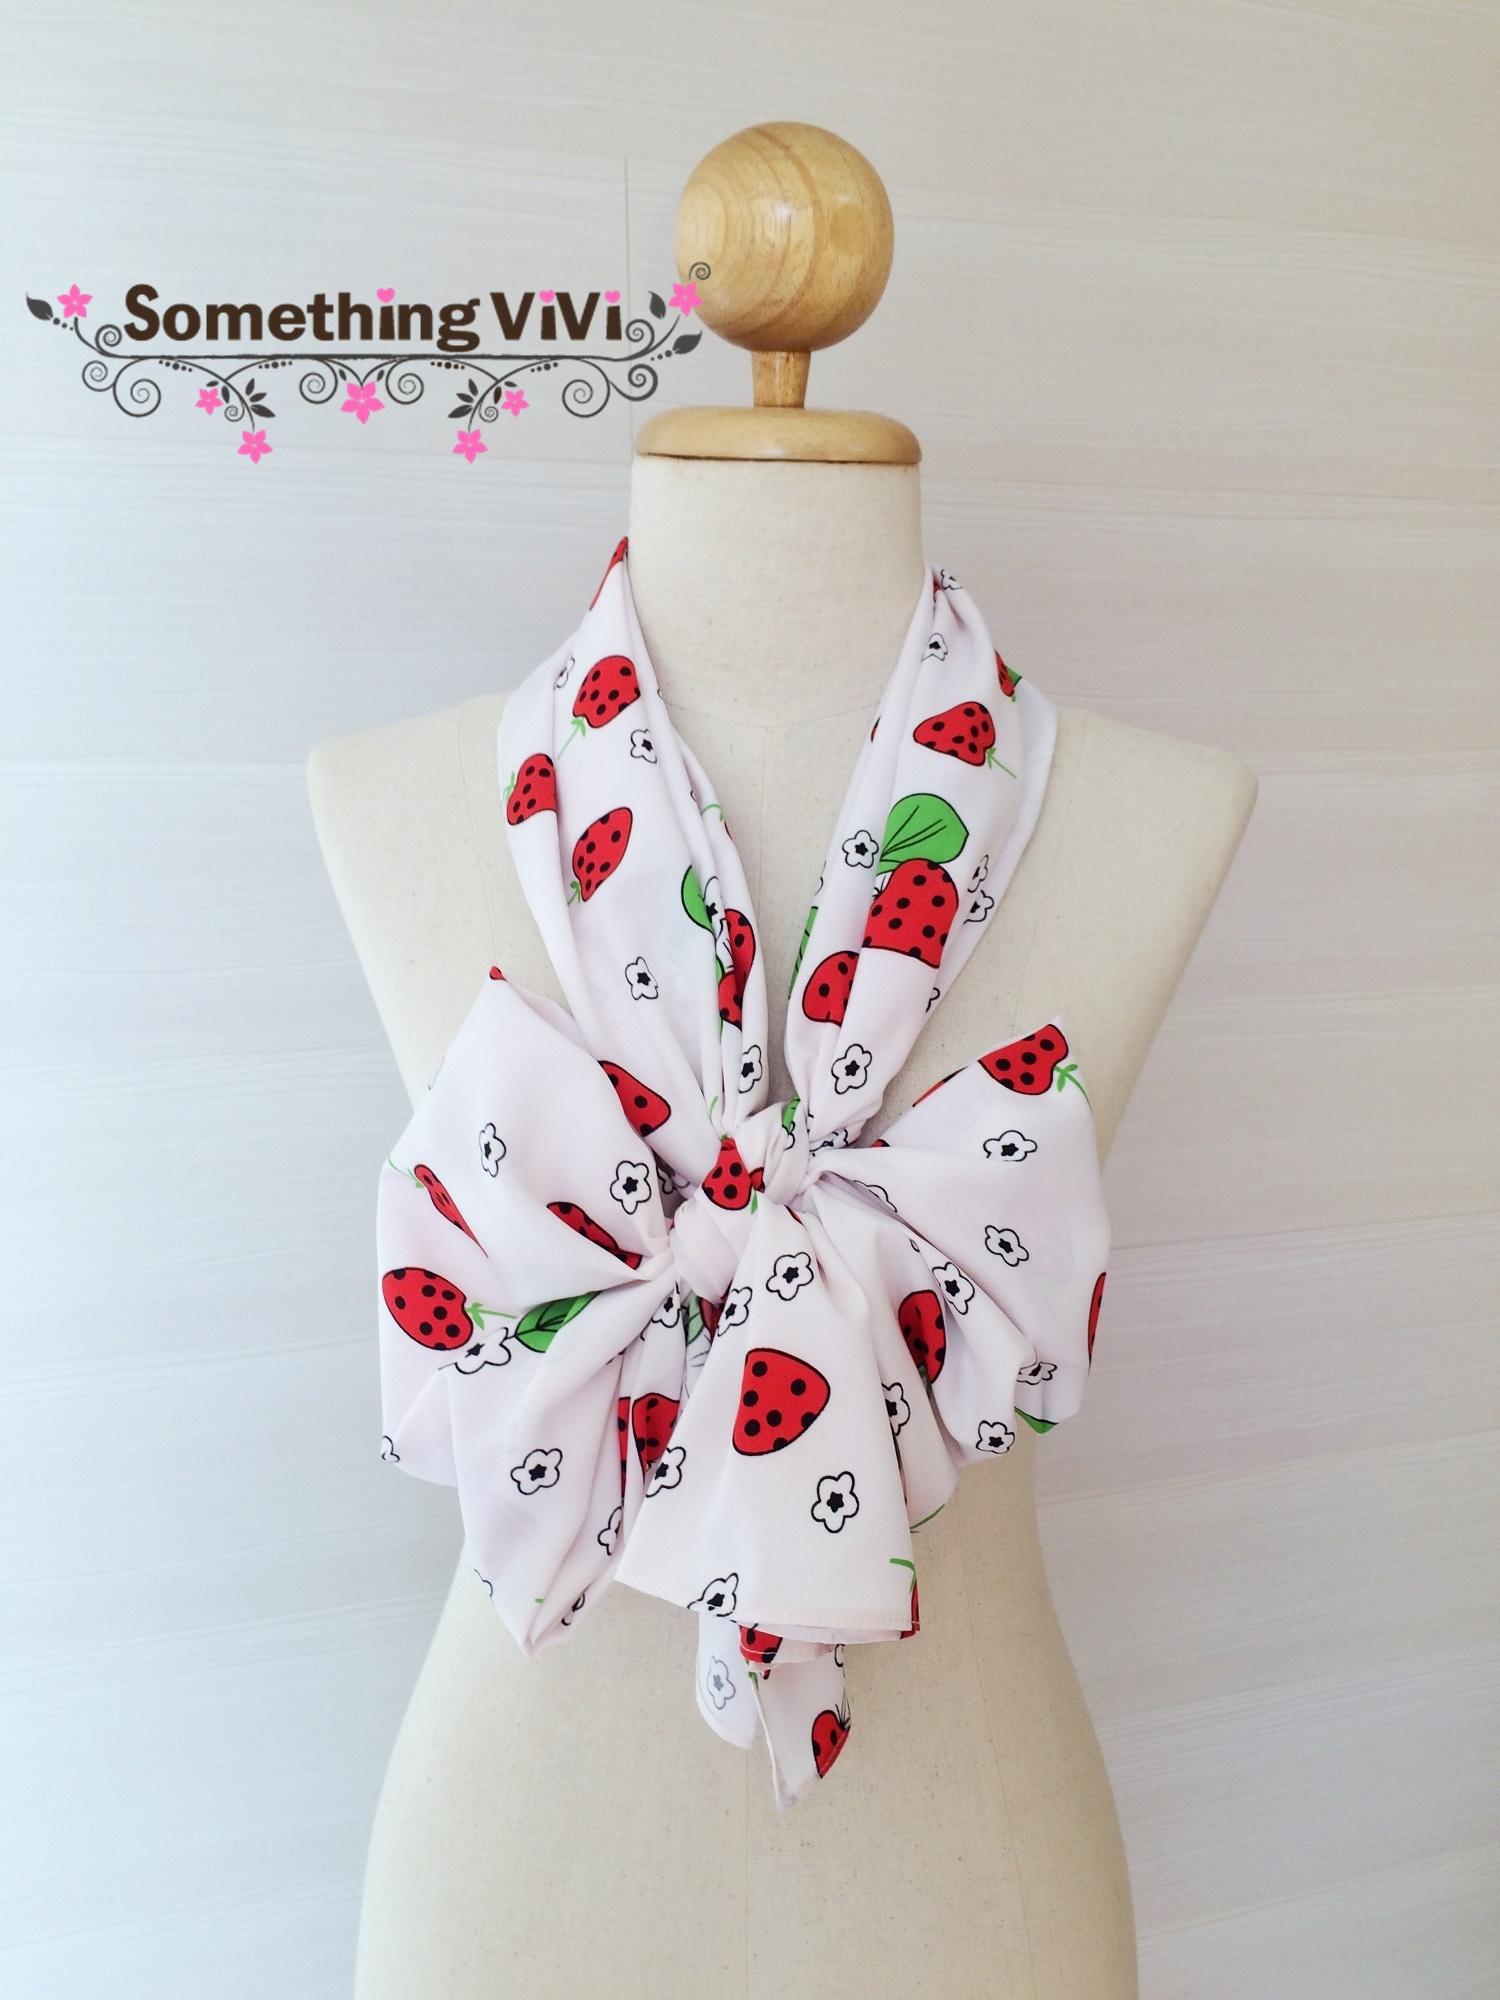 ผ้าพันคอ/ผ้าคลุมไหล่/ผ้าคลุมให้นม รุ่น Strawberry A Pois (Size S) สีตามภาพ ผ้าพันคอสีขาวตัดกับลาย Strawberry อย่างลงตัว มุ้งมิ้งน่ารักไปอีกแบบ สลับกับลายดอกไม้ประปรายทั่วผืนผ้า ลายน่ารักสดใสขนาดนี้อย่าพลาดนะคะ พร้อมกล่อง/ซองแพคเกจอย่างดี ของขวัญ/ของฝาก